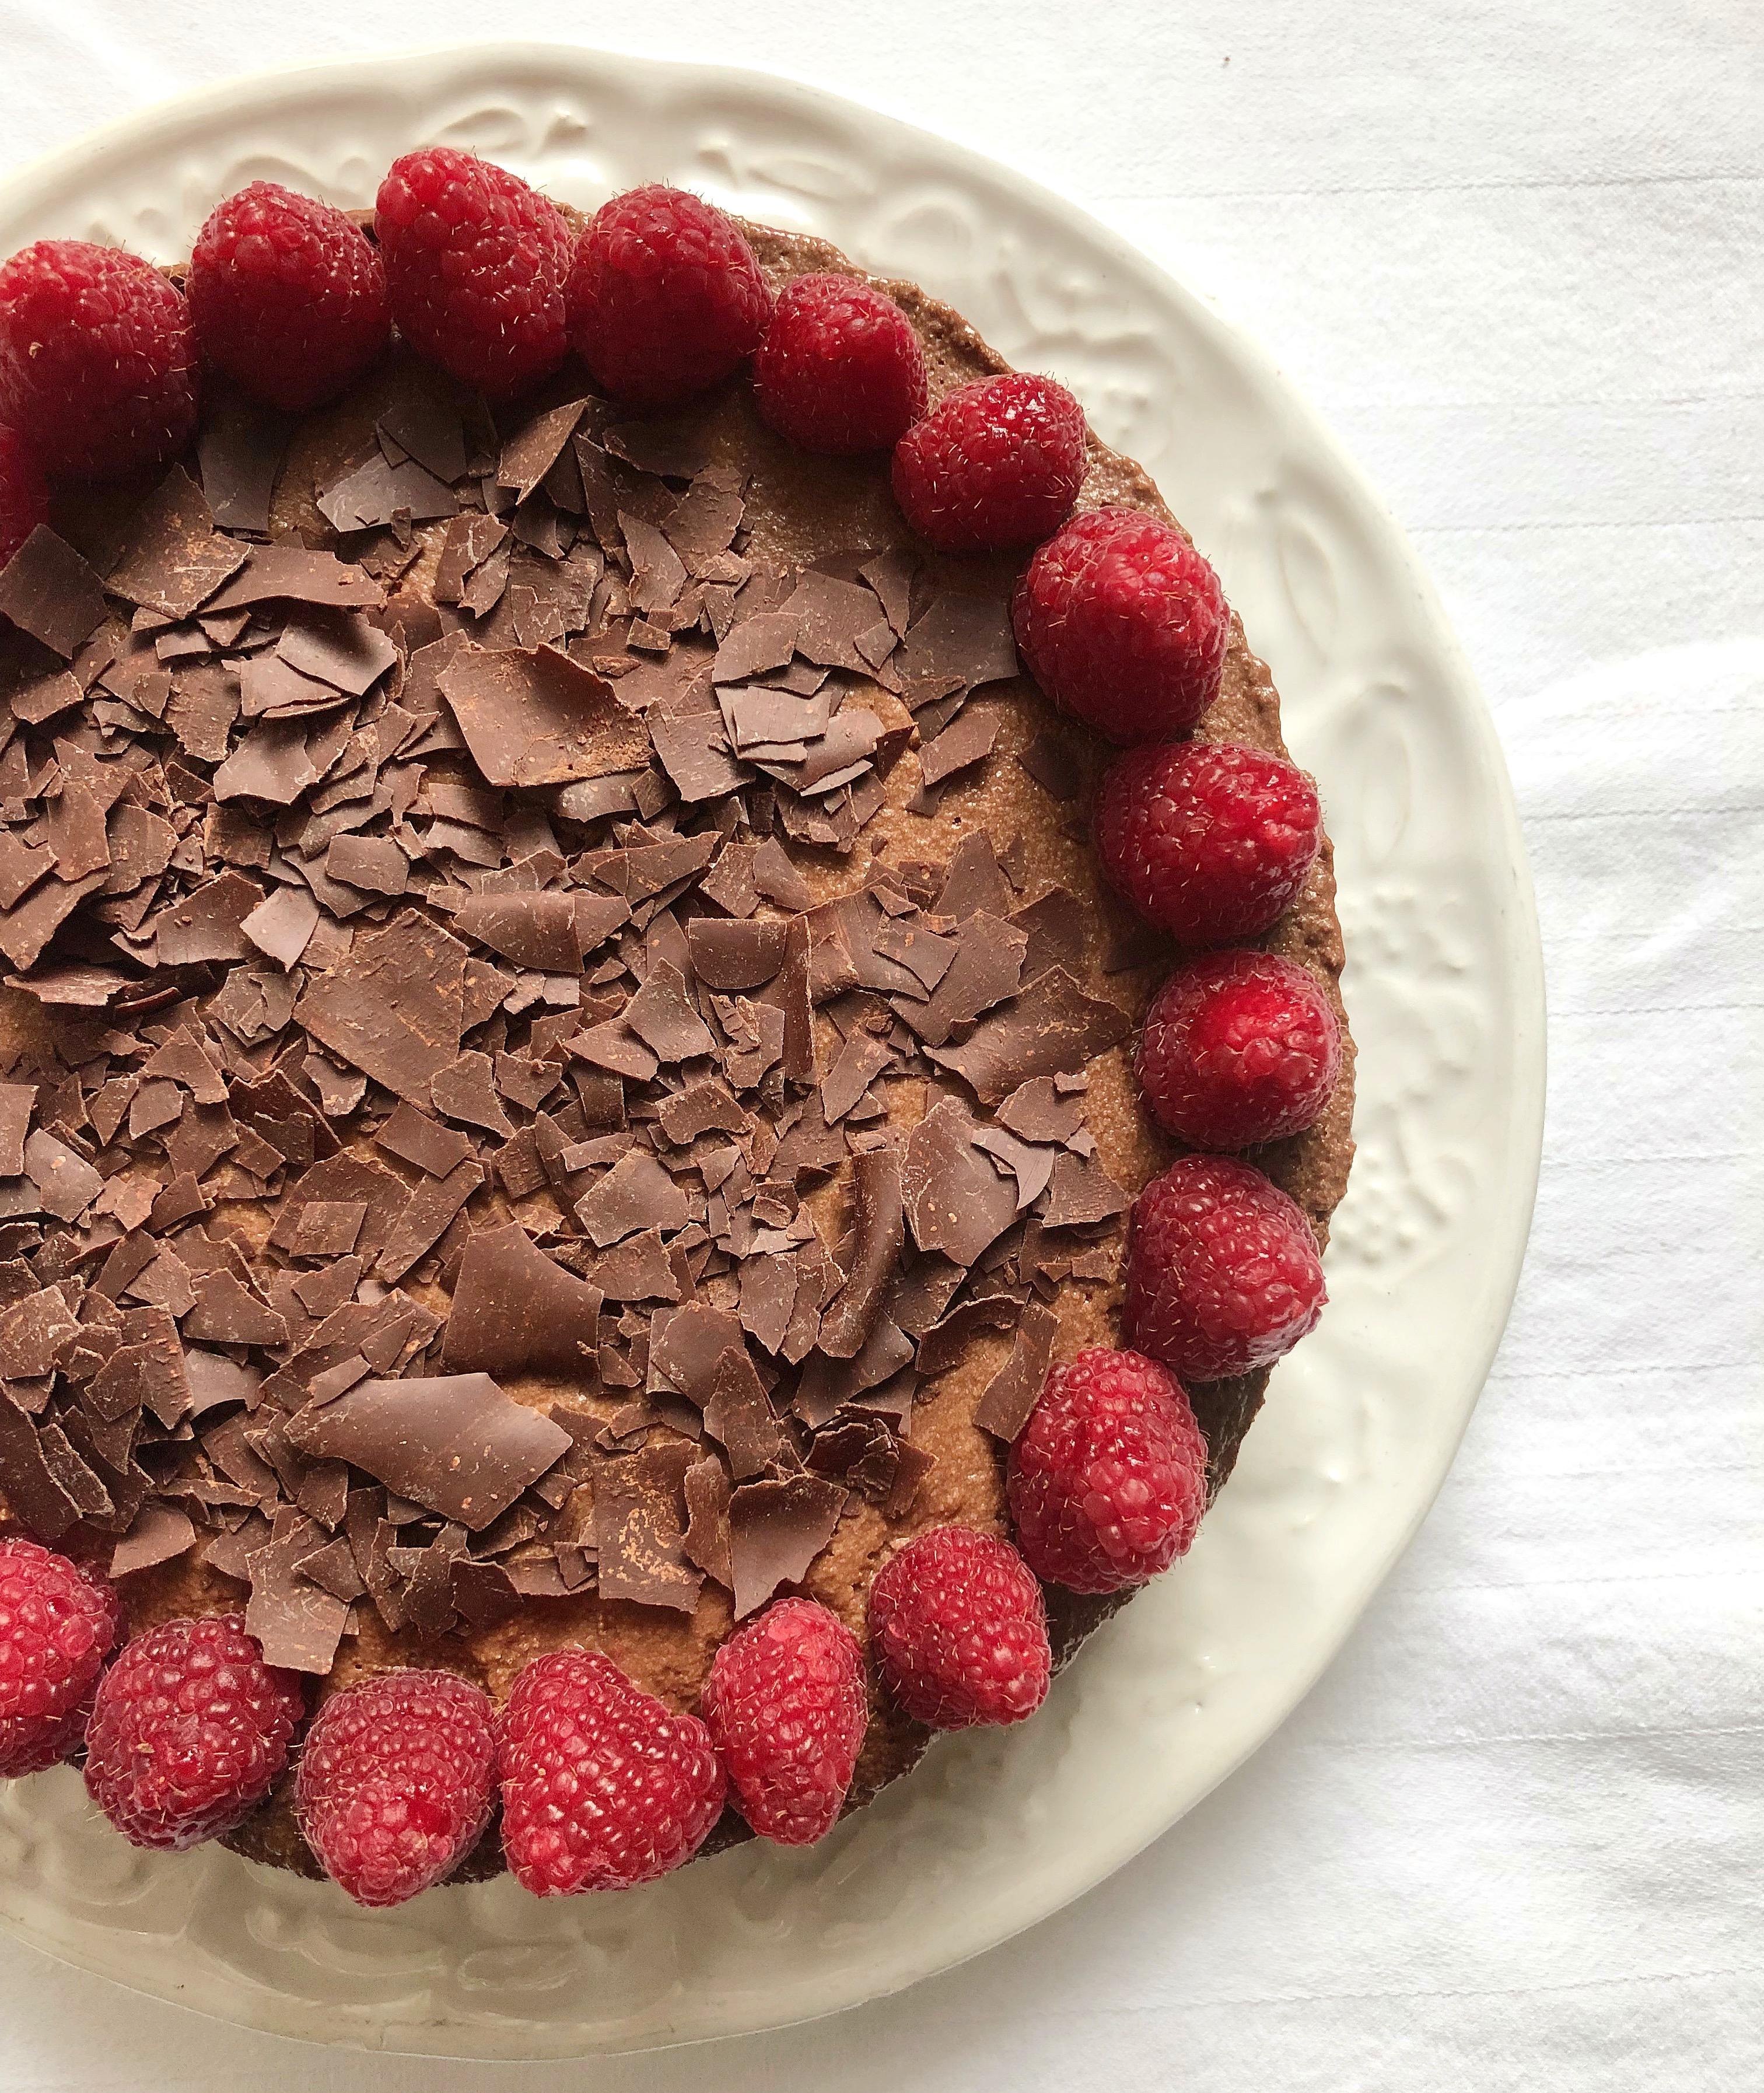 La Torta Mousse al Cioccolato e Lamponi , un mix perfetto di sapori di dolci senza burro